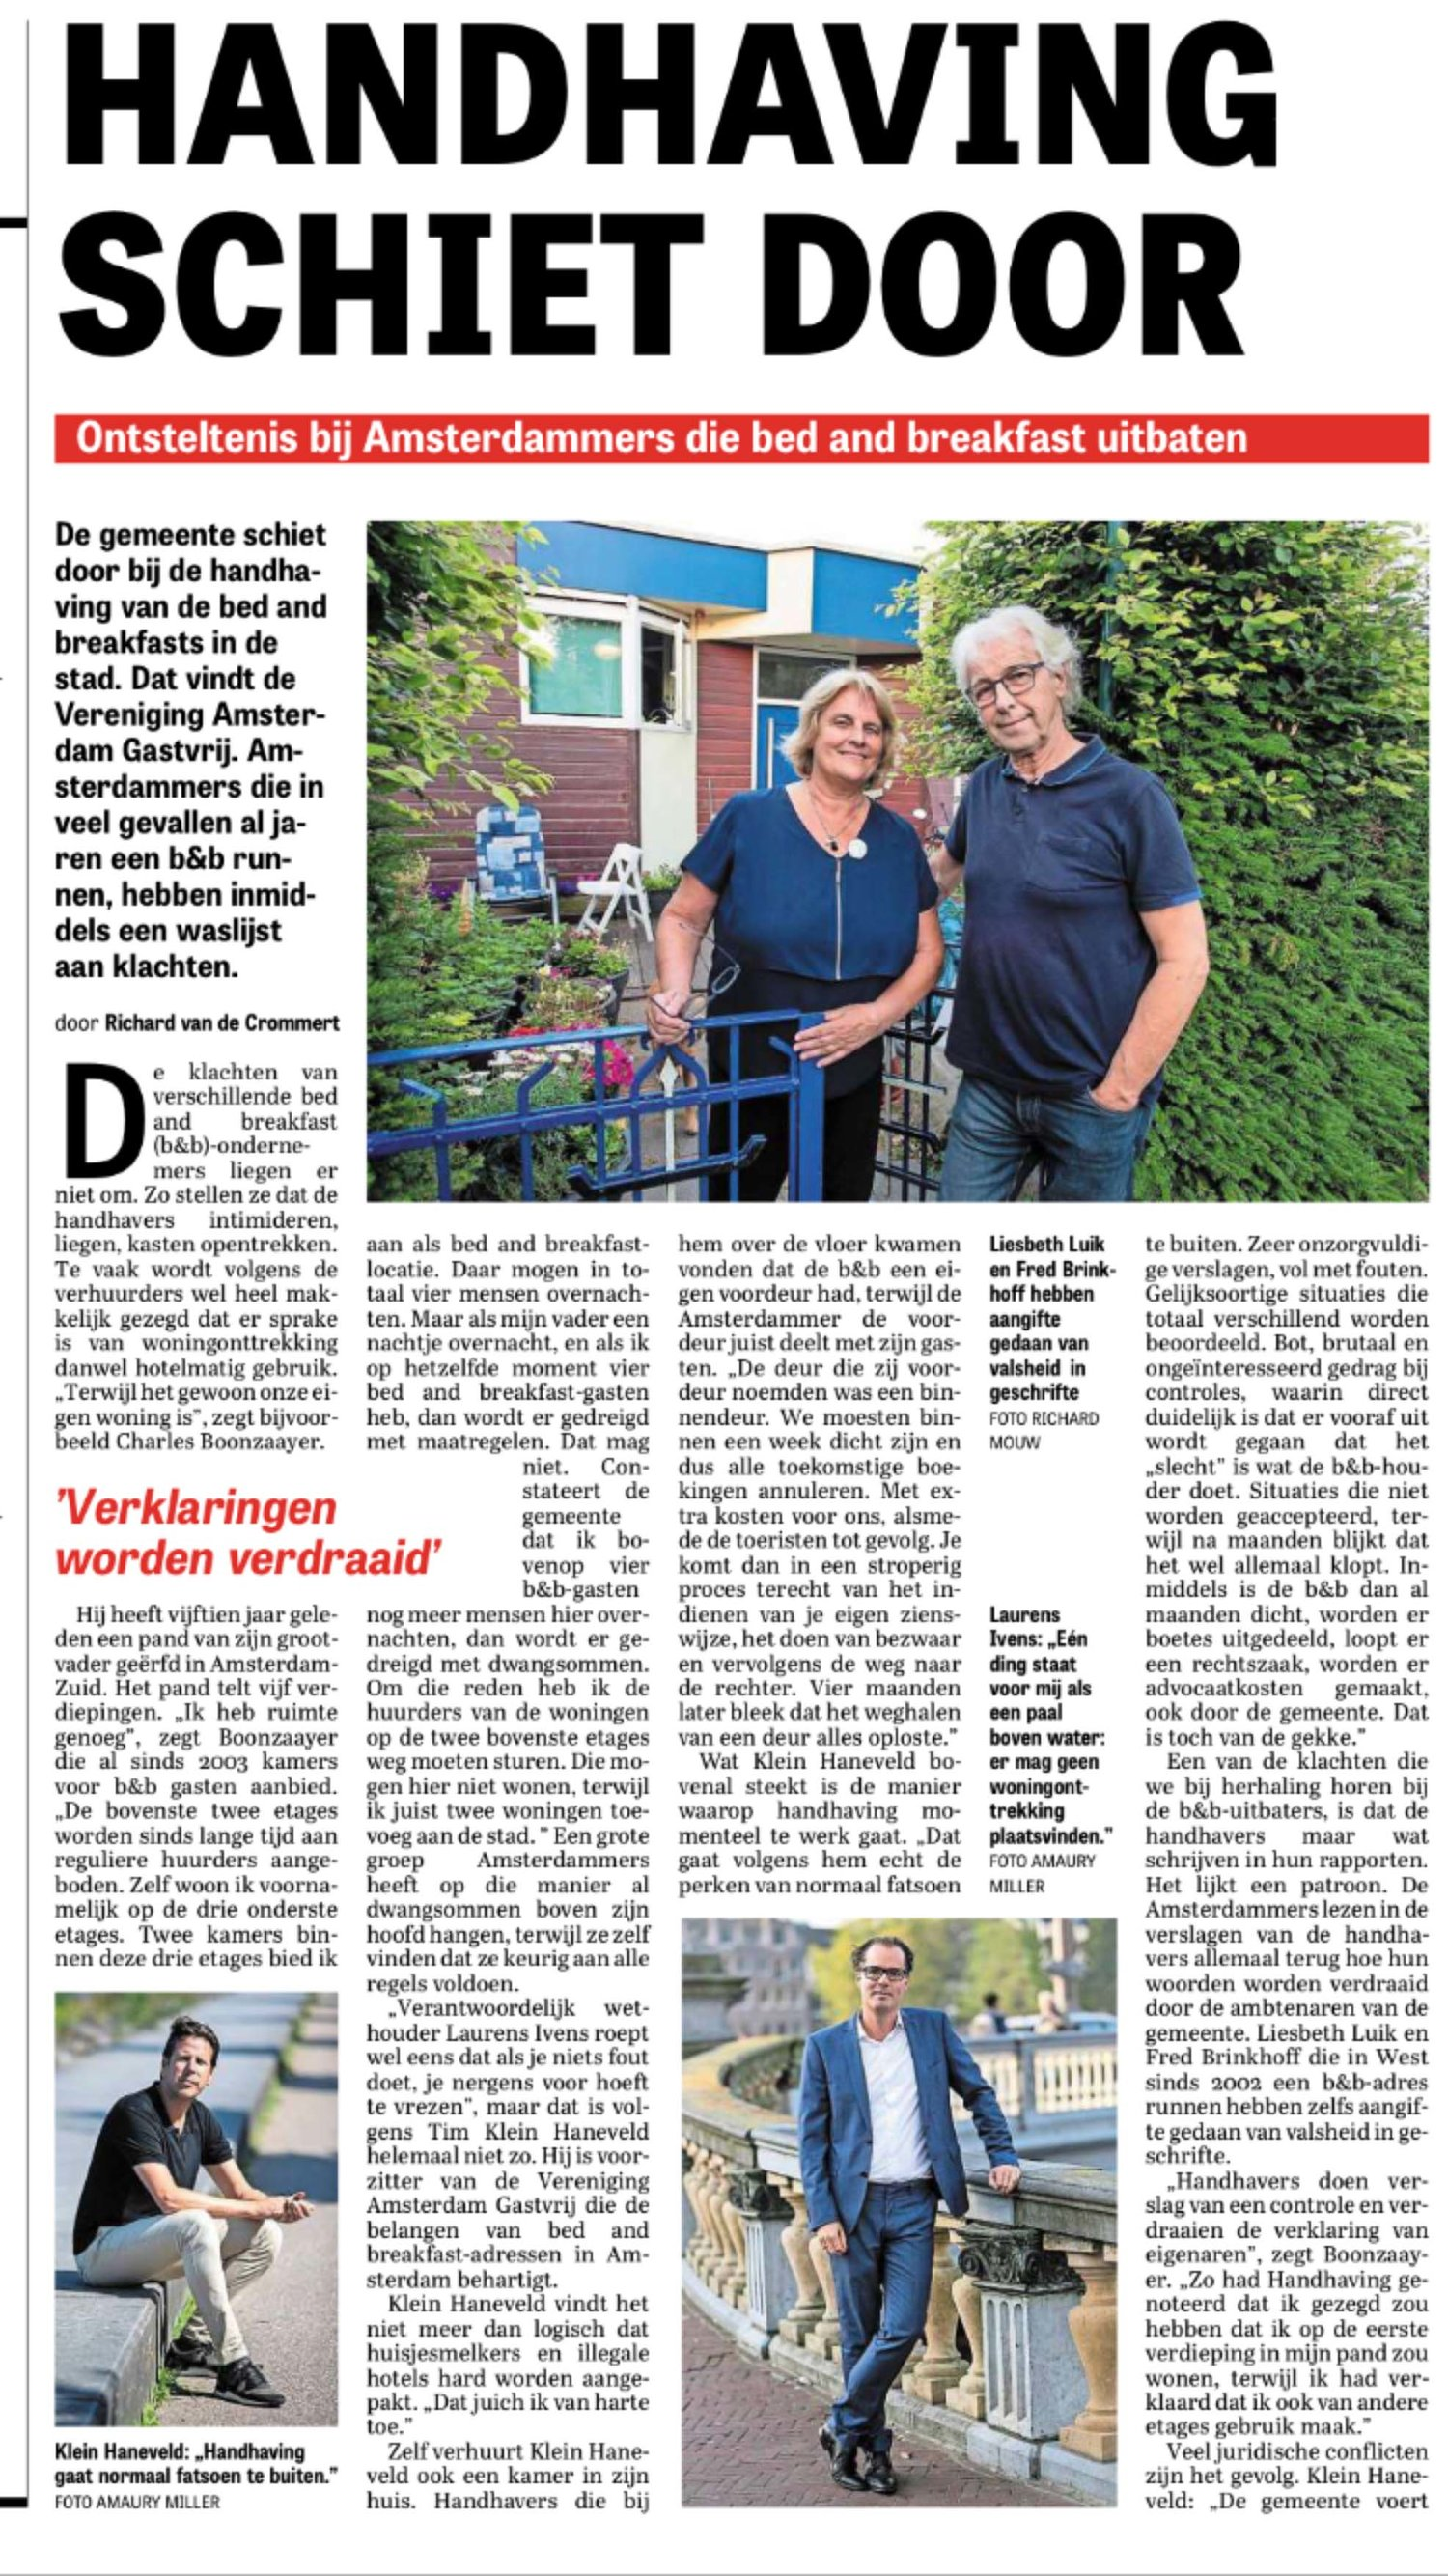 2018.06.28+Telegraaf+Handhaving-1.jpg